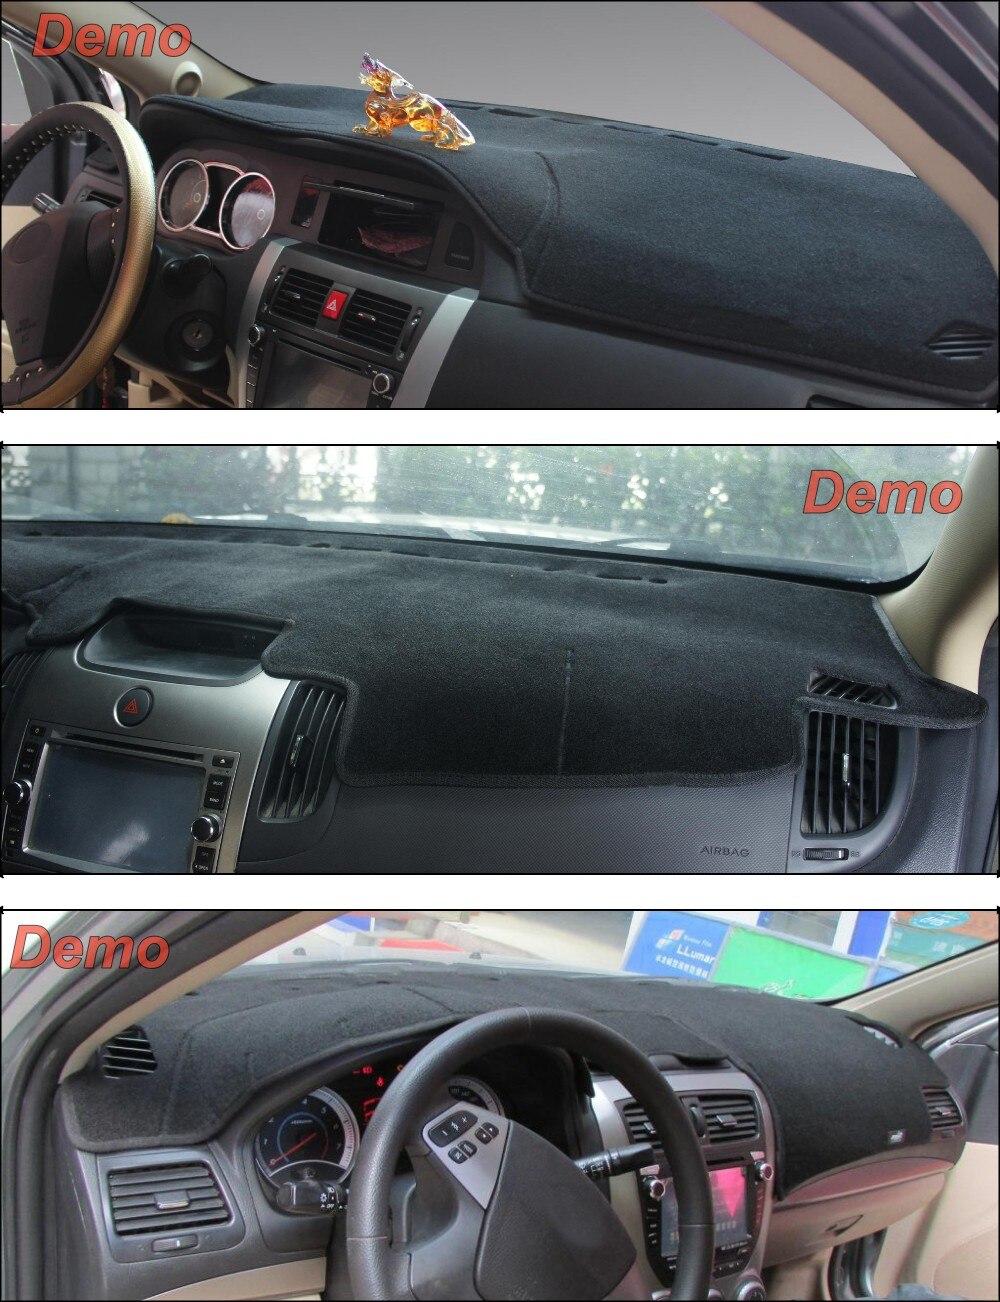 almofada proteção capa tapete dashmat modelo especial